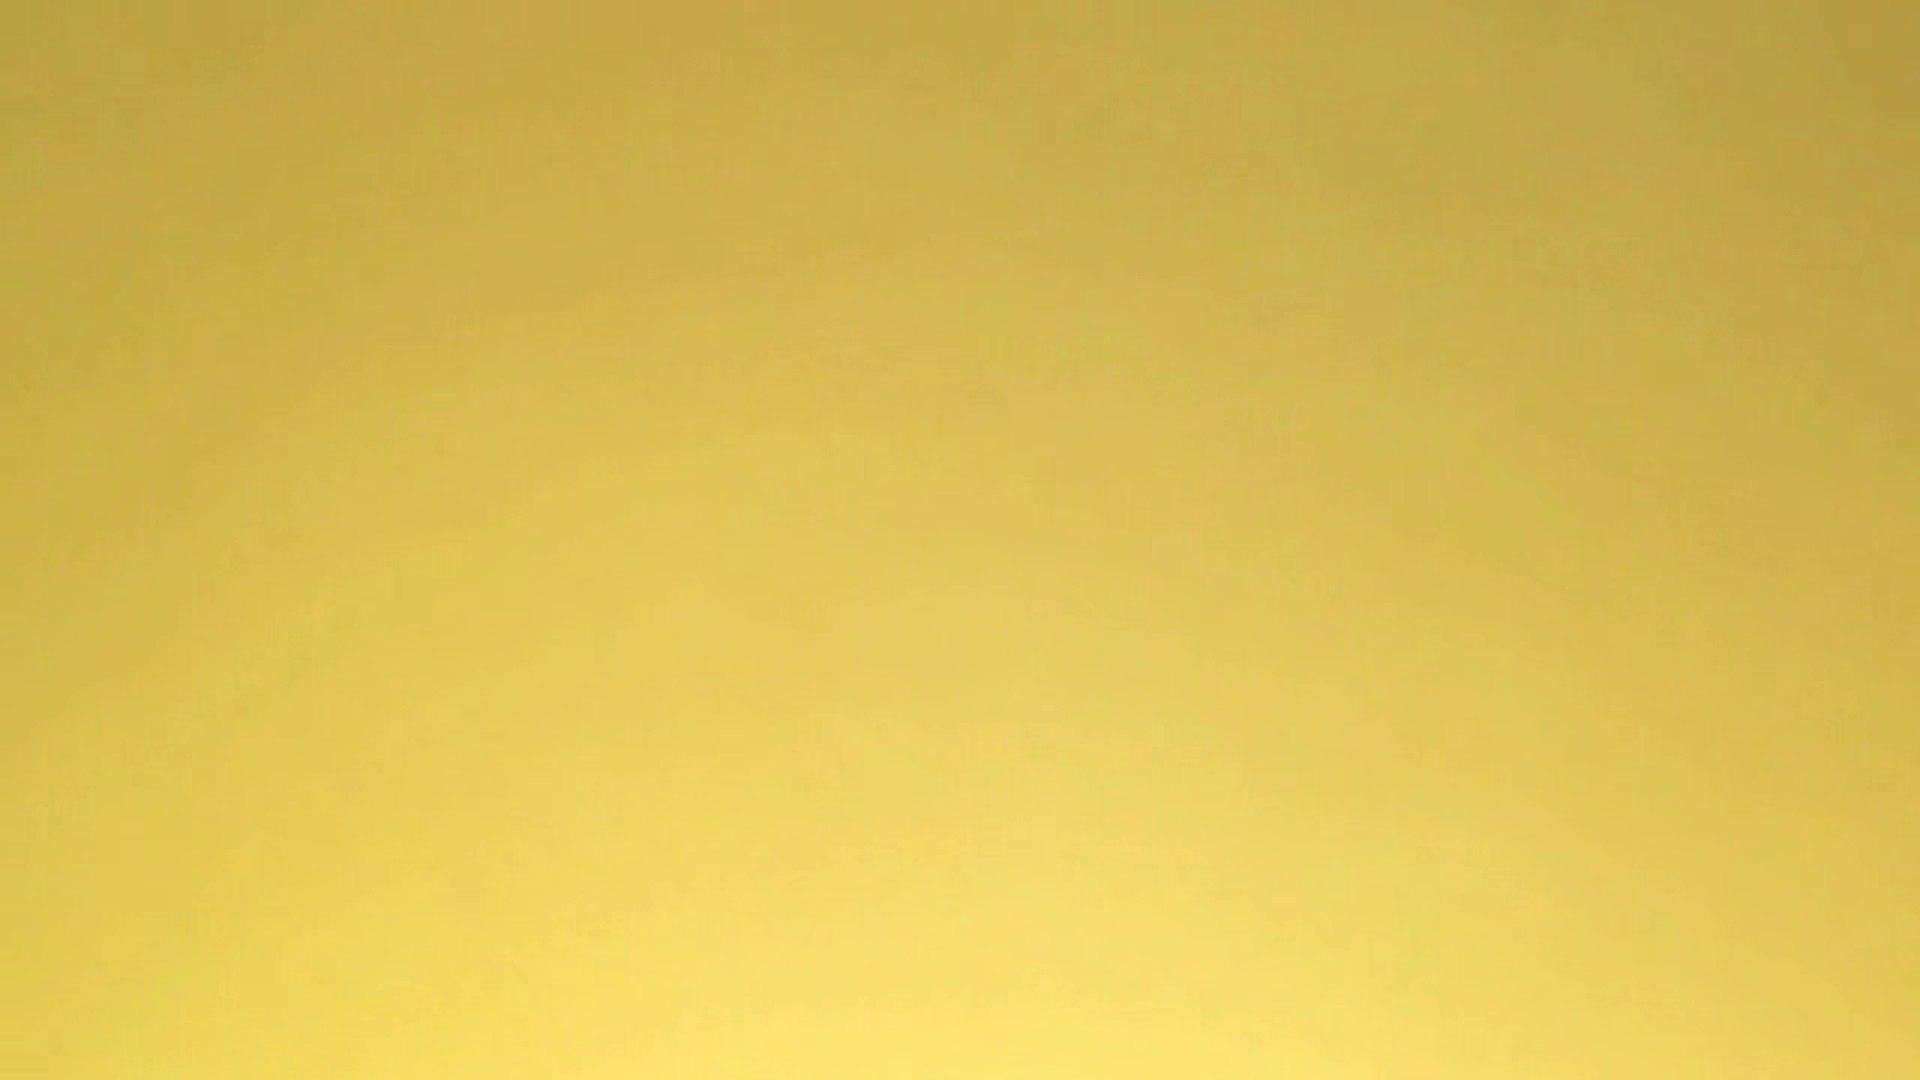 ドラゴン2世 チャラ男の個人撮影 Vol.06 超かわいい彼女 ゆいか 18才 Part.03 ついにハメ撮り ホテル潜入 | 美少女ヌード  99pic 13